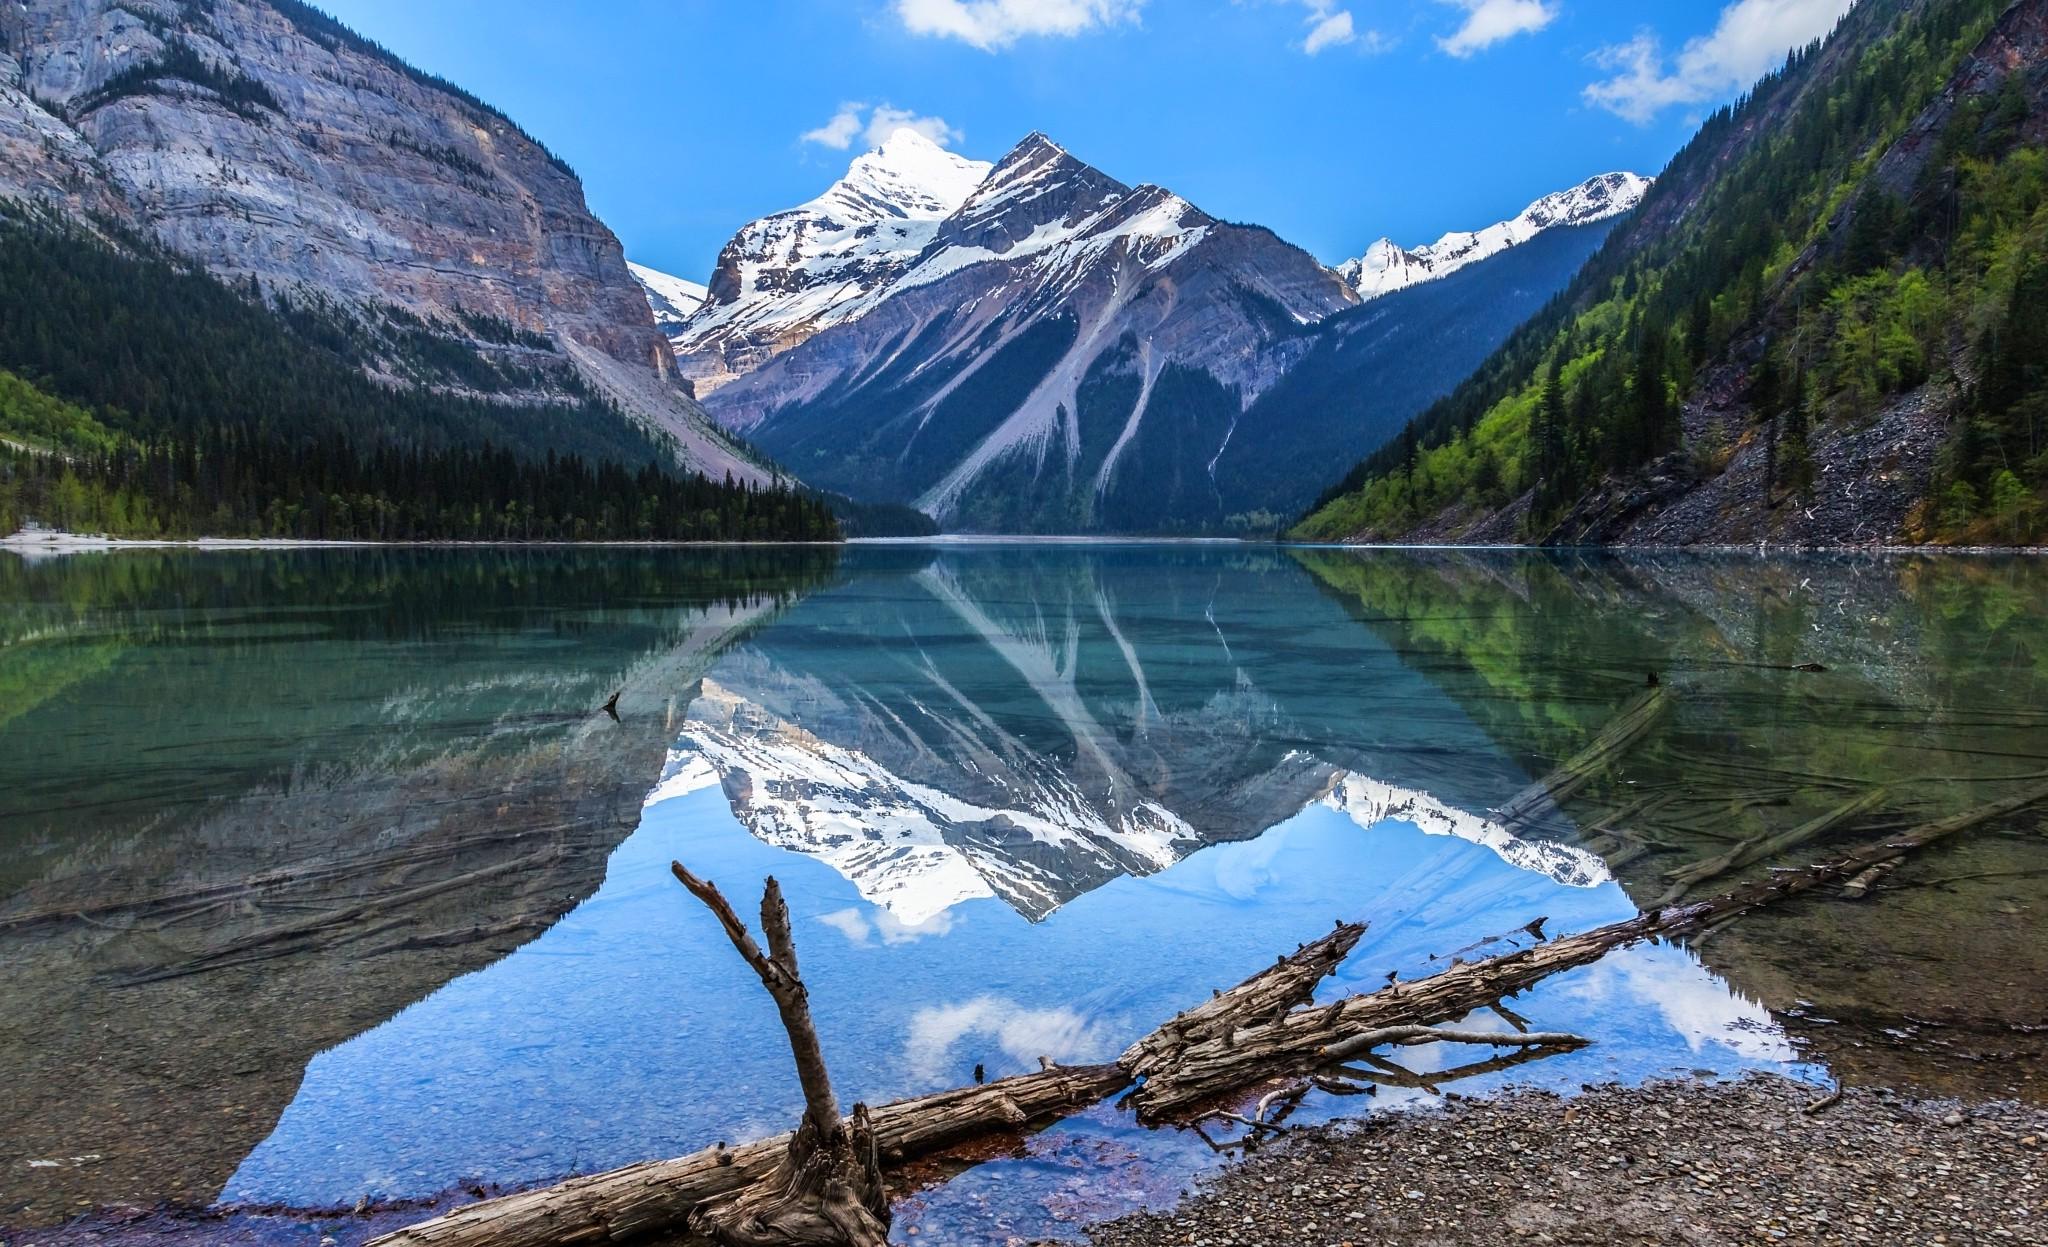 Fond D Ecran 2048x1247 Px Colombie Britannique Canada Foret Lac Paysage Montagne La Nature Reflexion Pic Enneige Printemps Eau 2048x1247 4kwallpaper 1104793 Fond D Ecran Wallhere